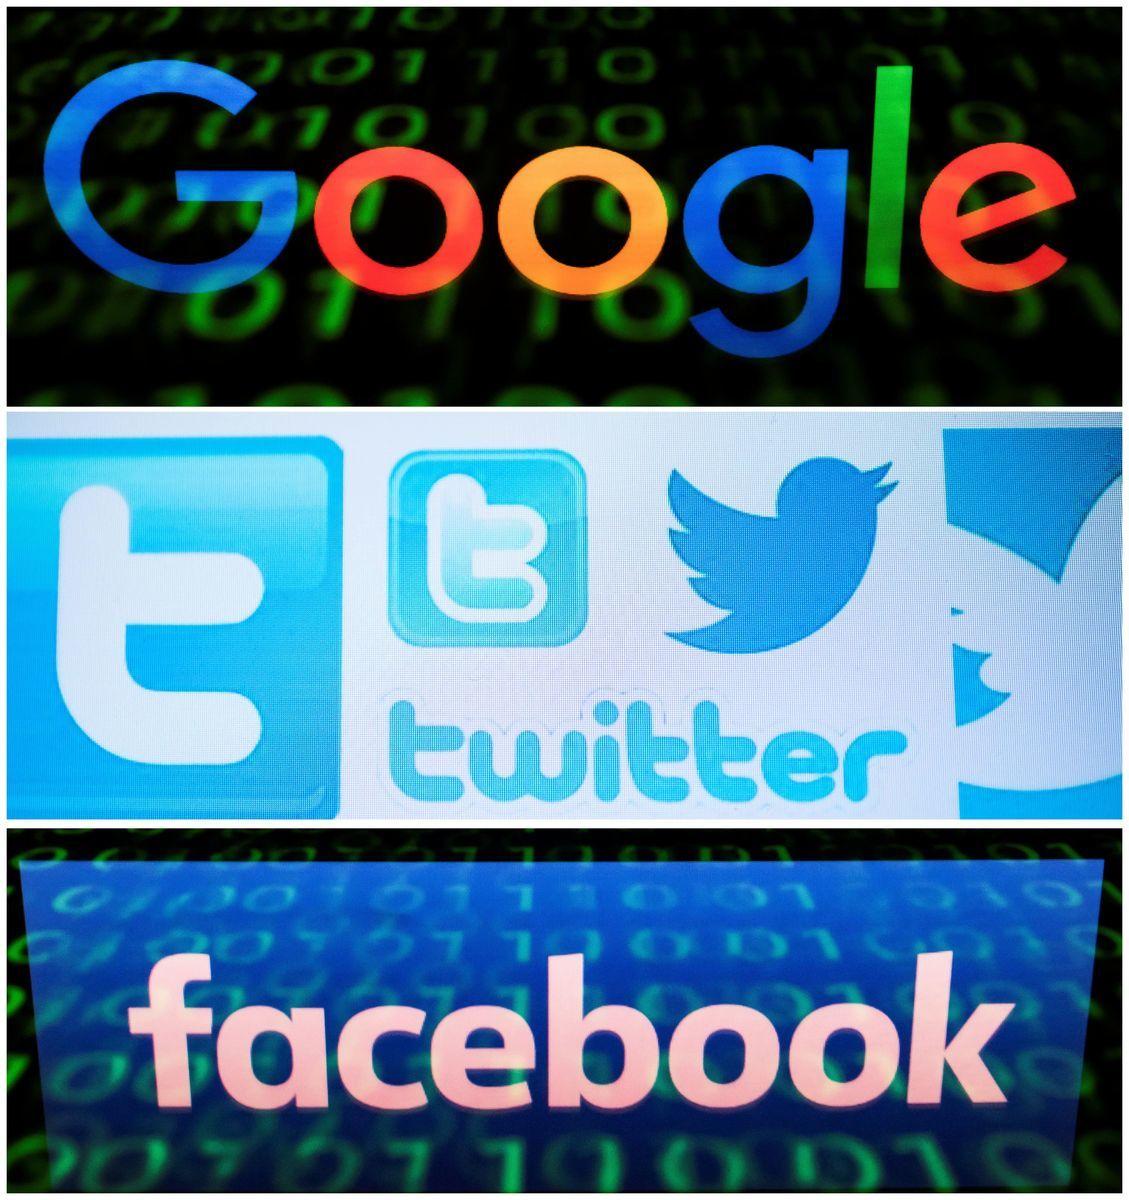 白宮正在考慮向特朗普總統提交一份行政命令草案,該草案將指示聯邦反壟斷和執法機構對Alphabet公司的谷歌、Facebook和其它社交媒體公司的做法進行調查。(LIONEL BONAVENTURE,NICOLAS ASFOURI/AFP/Getty Images)